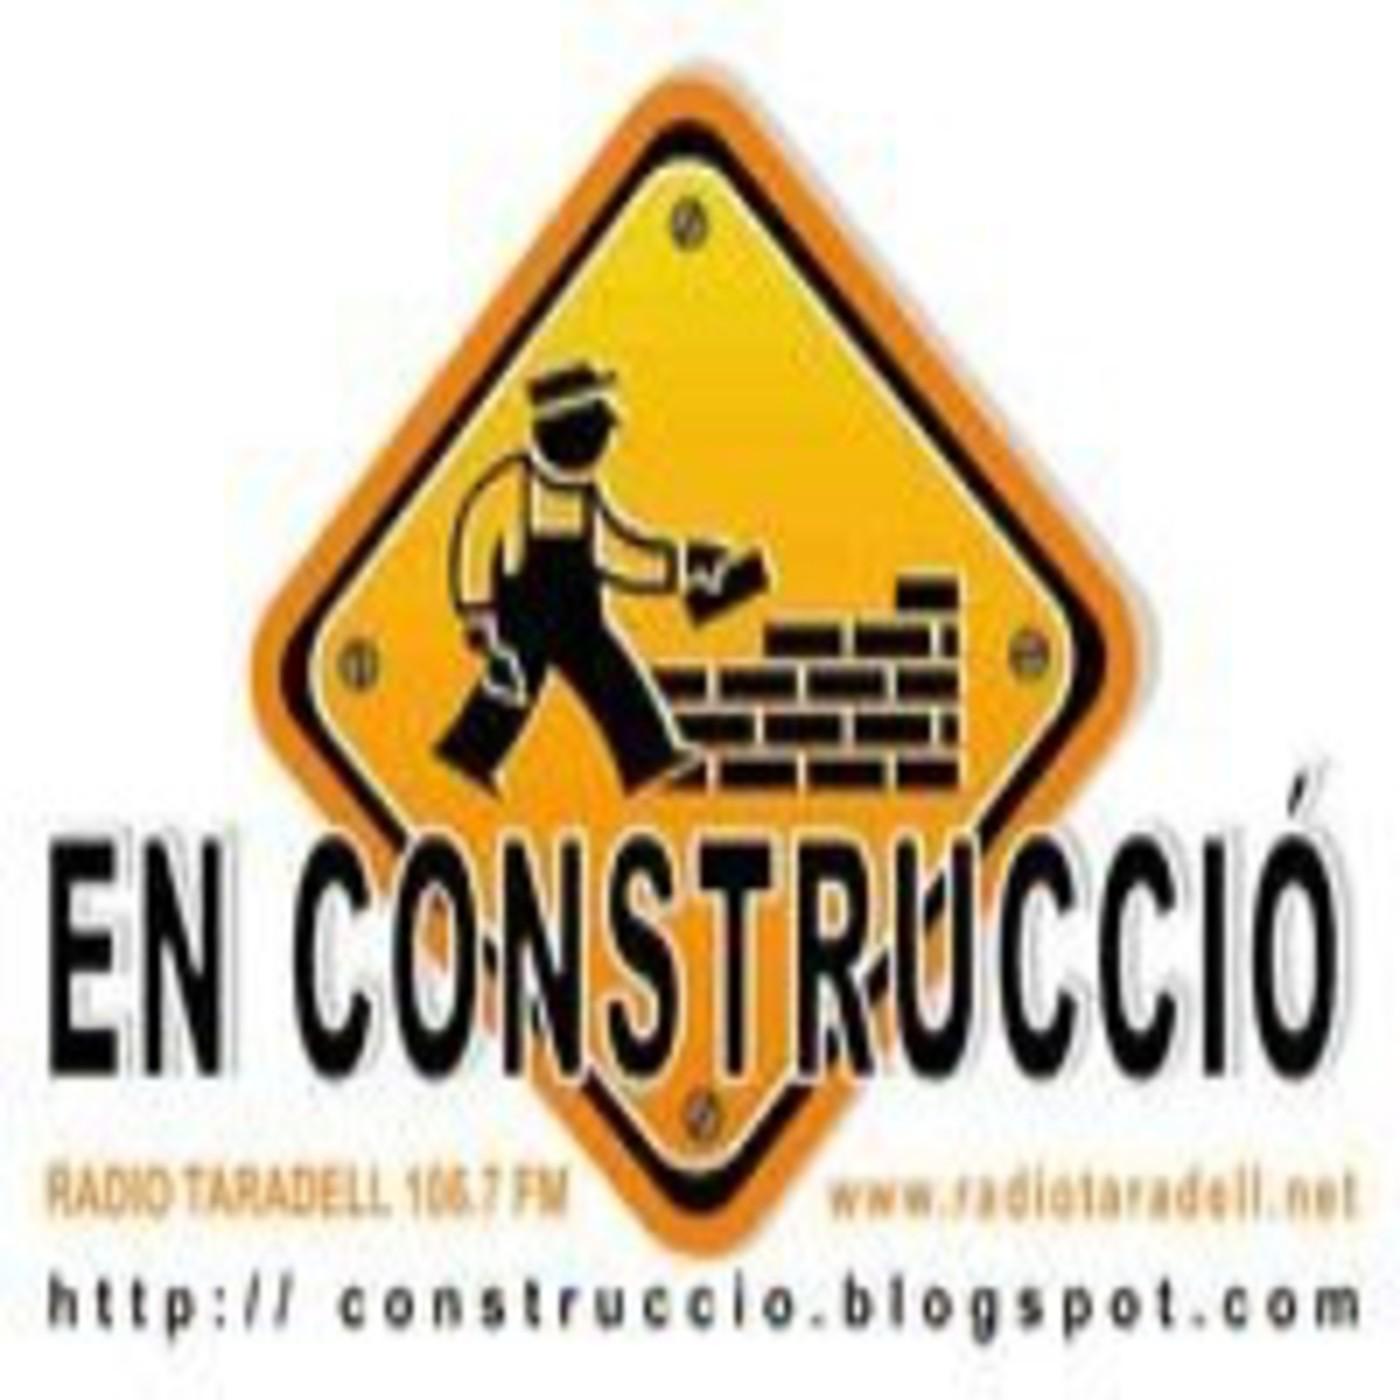 <![CDATA[En construcció  - Programes]]>